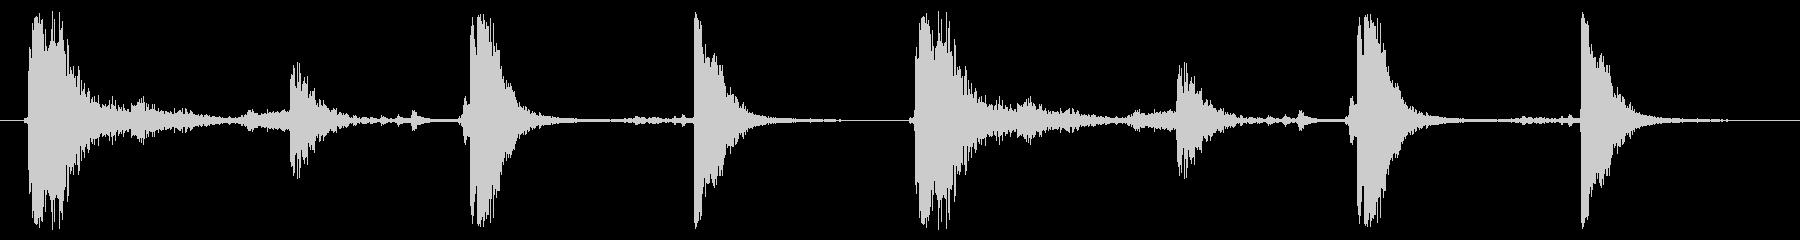 機械 メカニックメタルコンプレックス01の未再生の波形